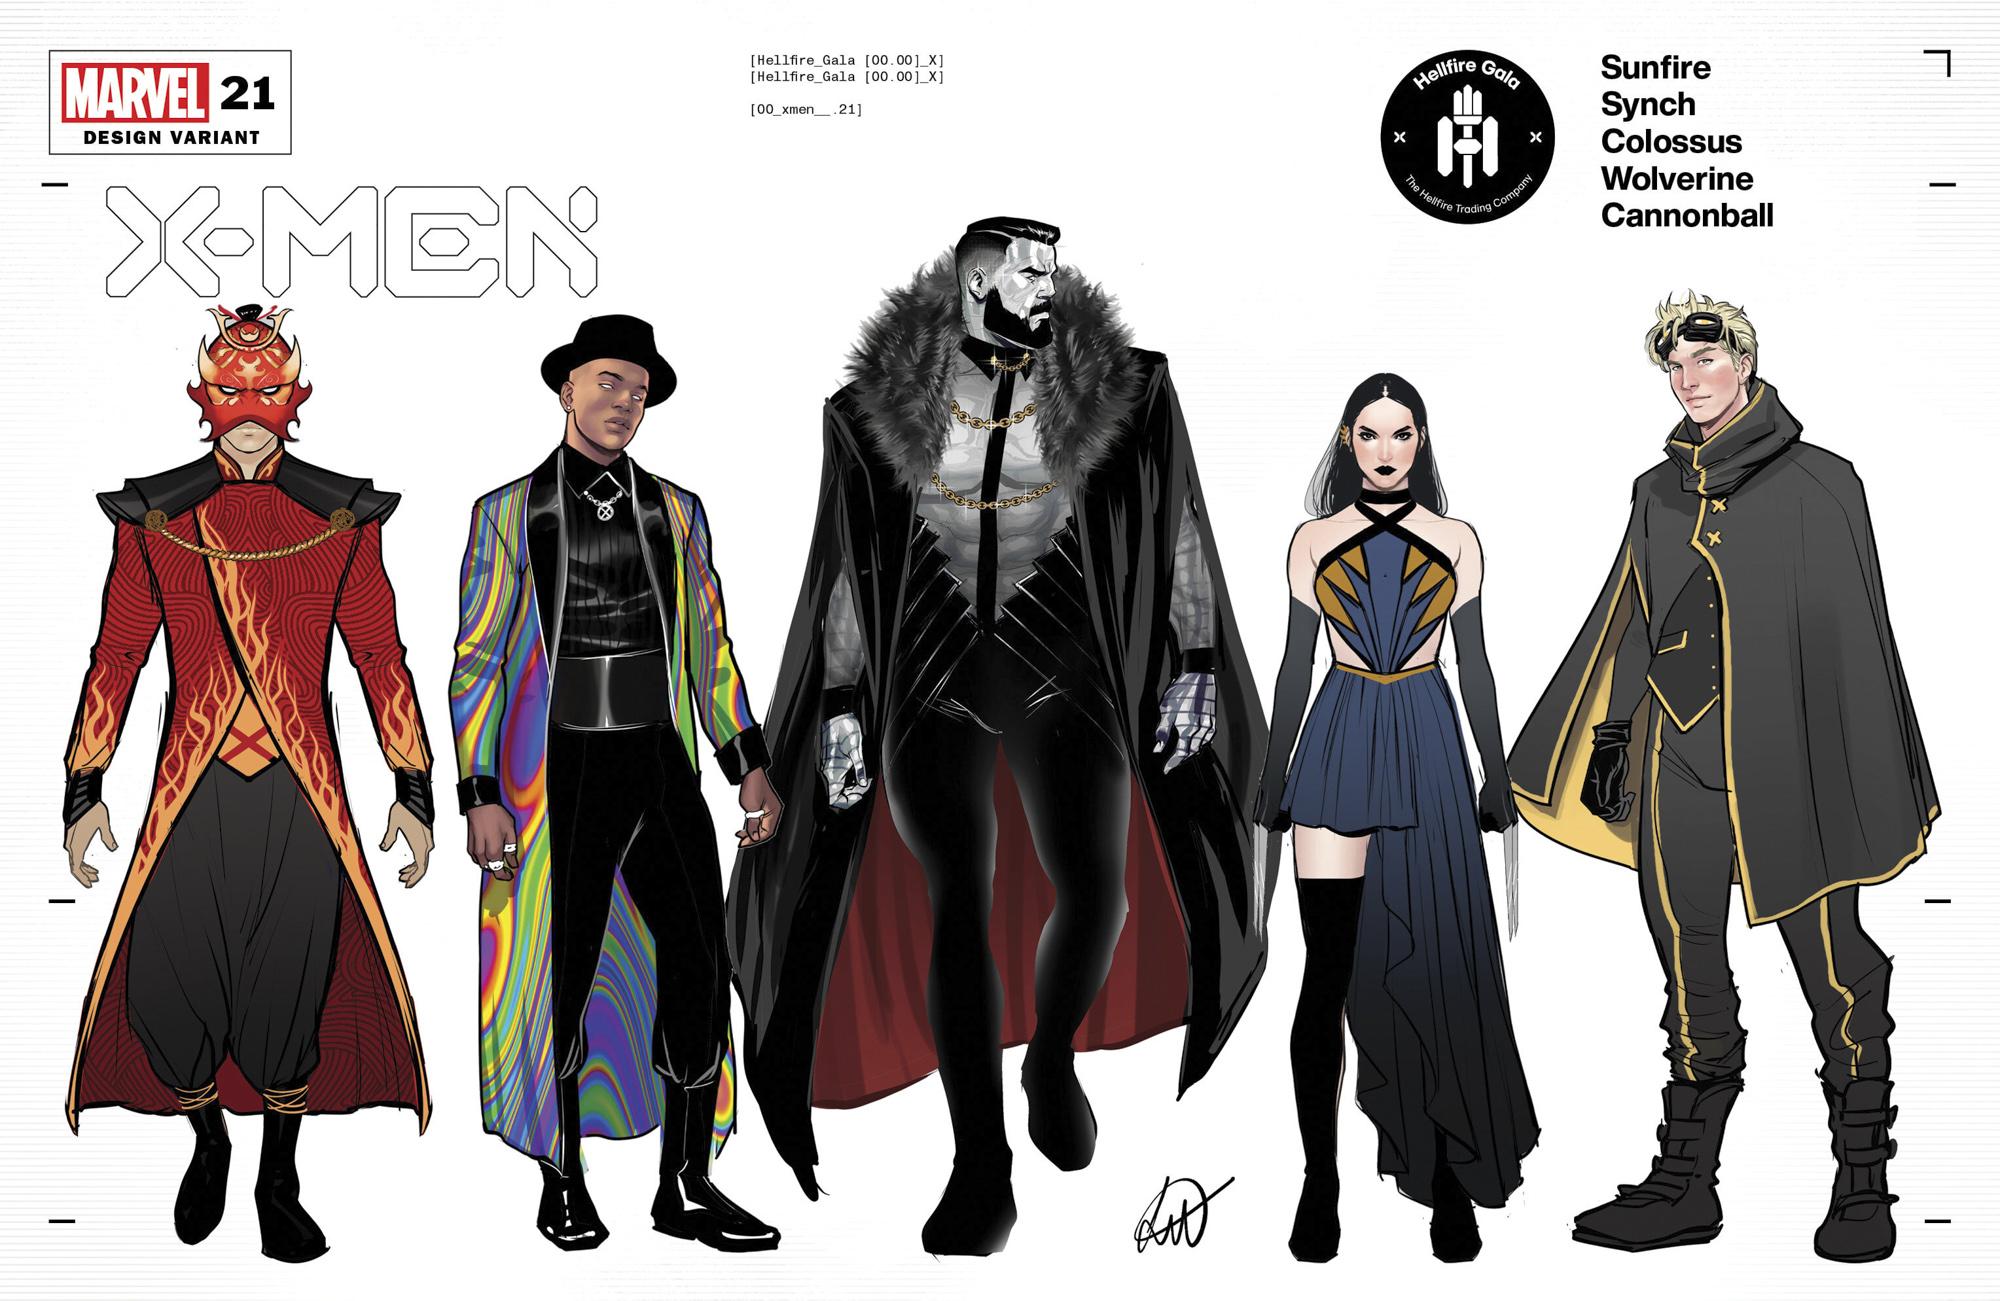 Marvel's X-Men Hellfire Gala